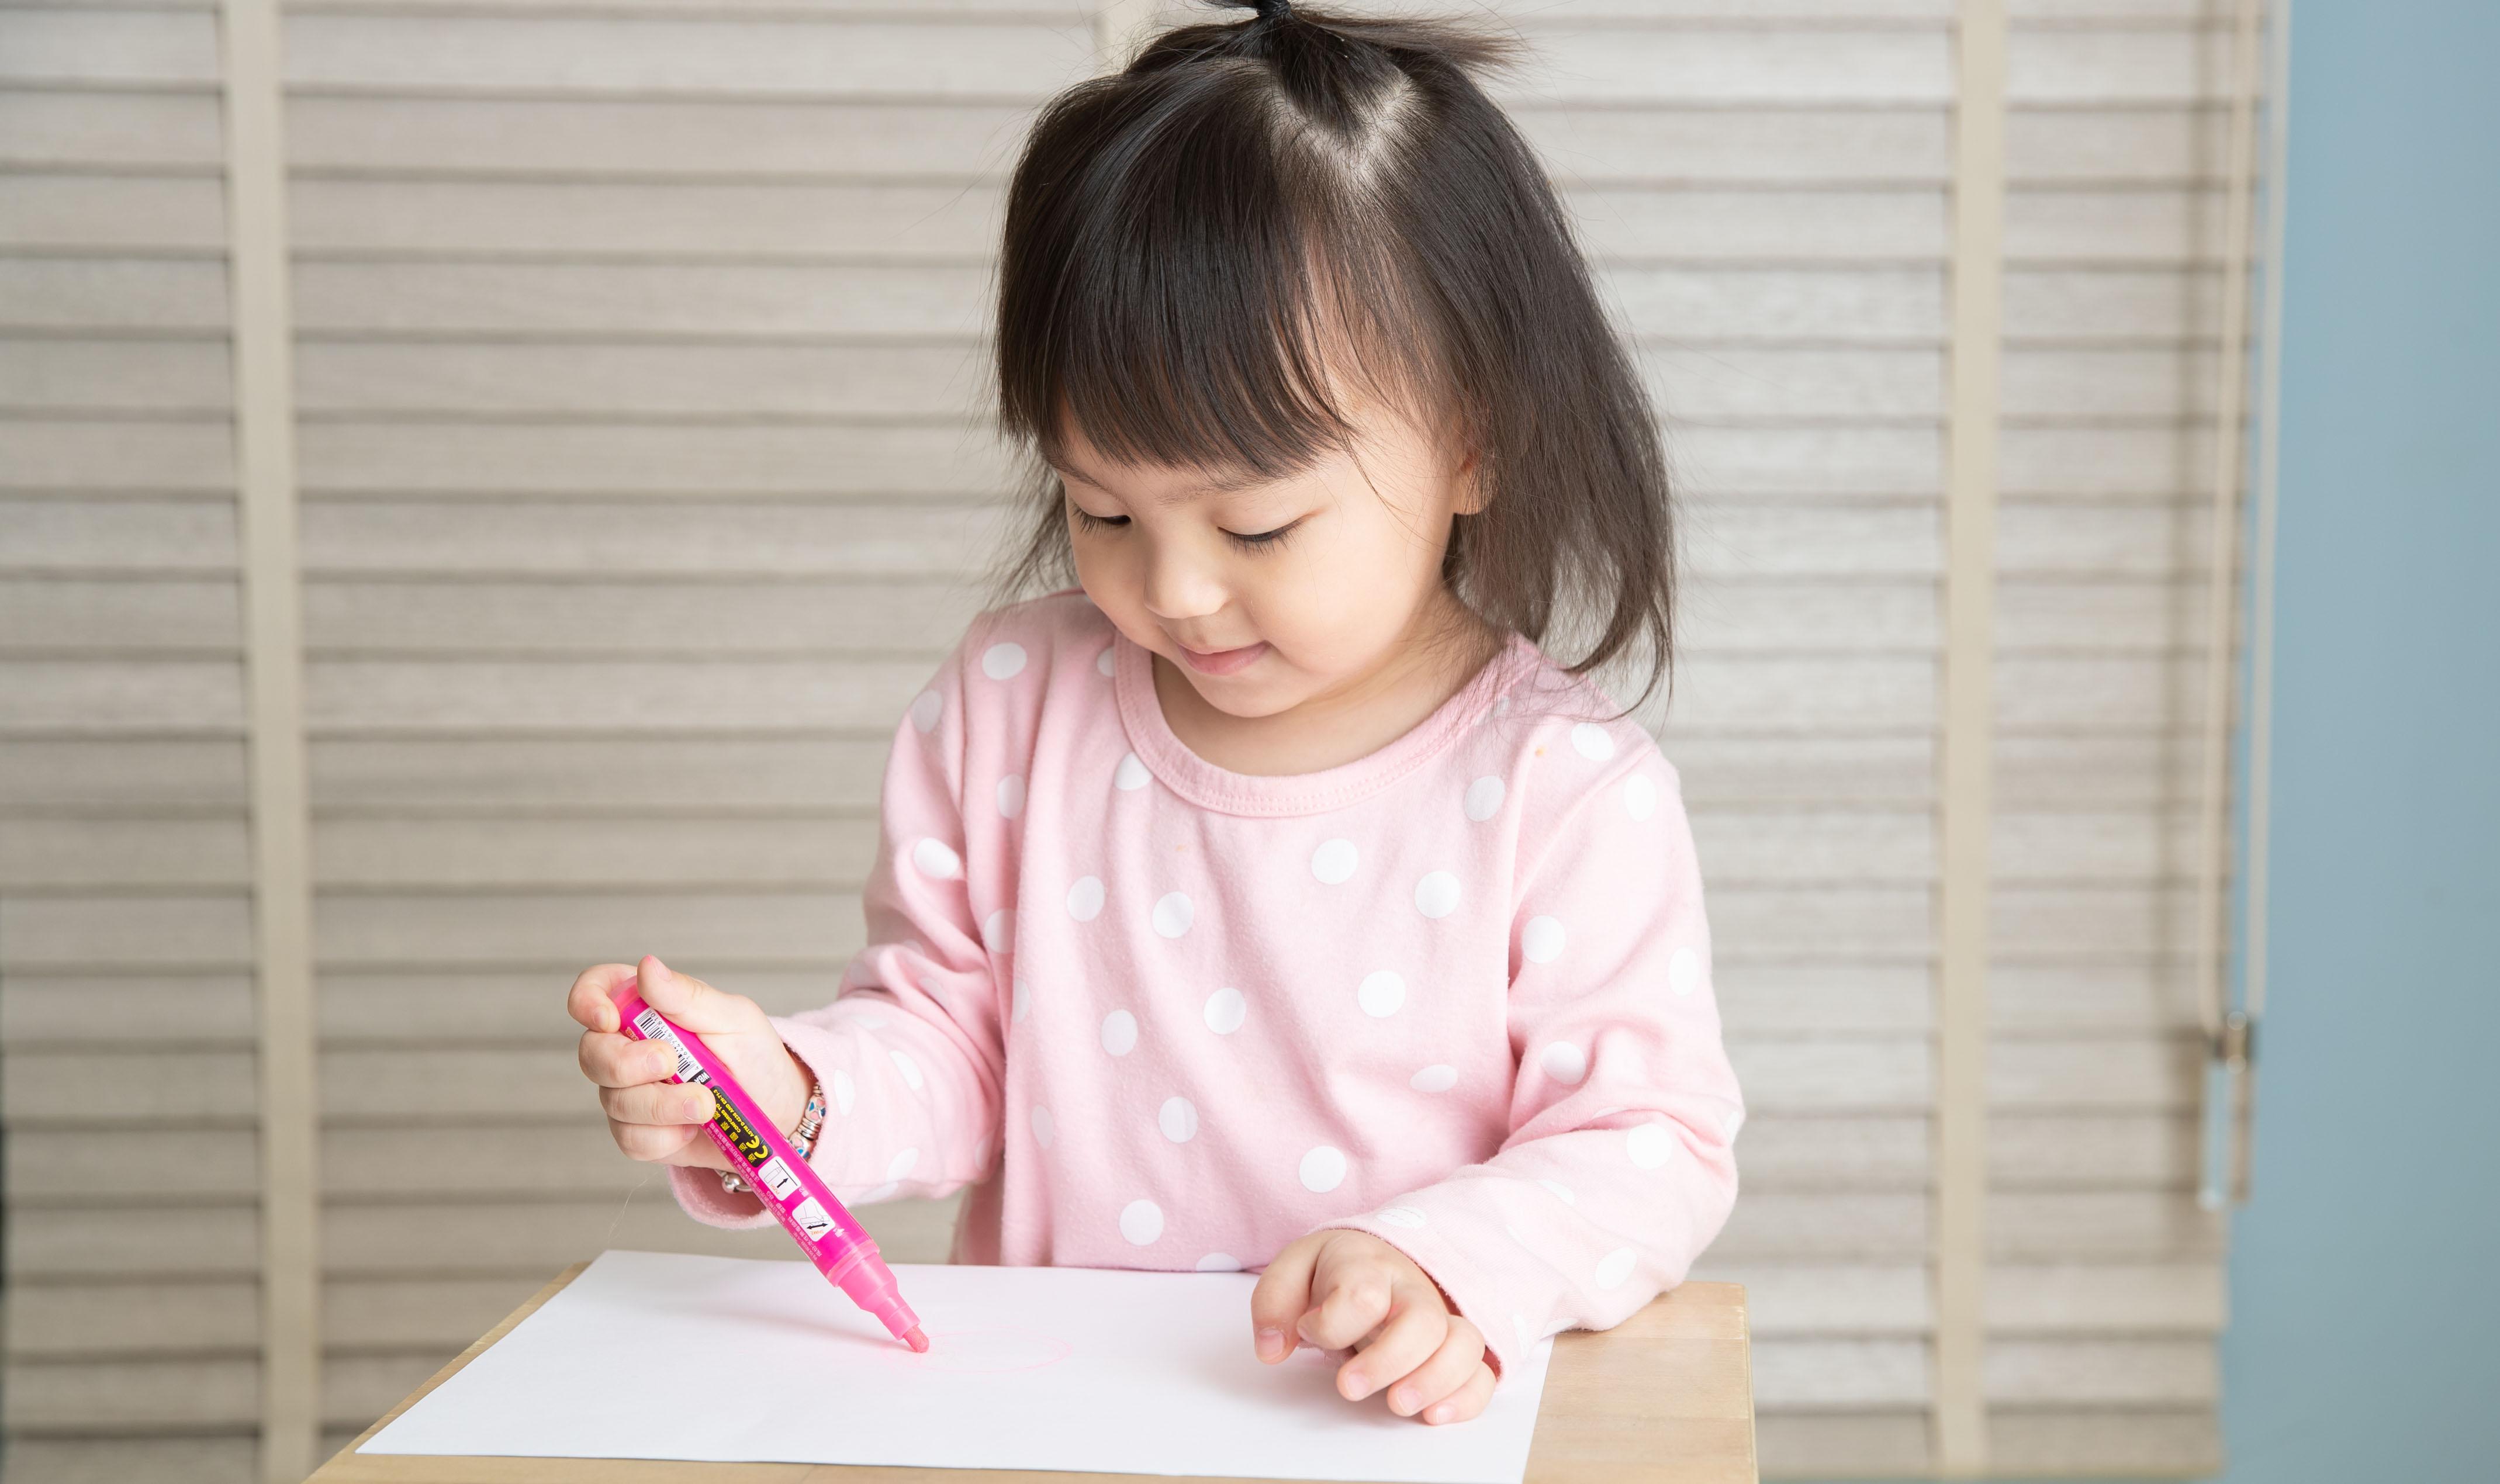 畫畫常用綠色代表愛好和平?從孩子的4個塗鴉特徵觀察心理狀態